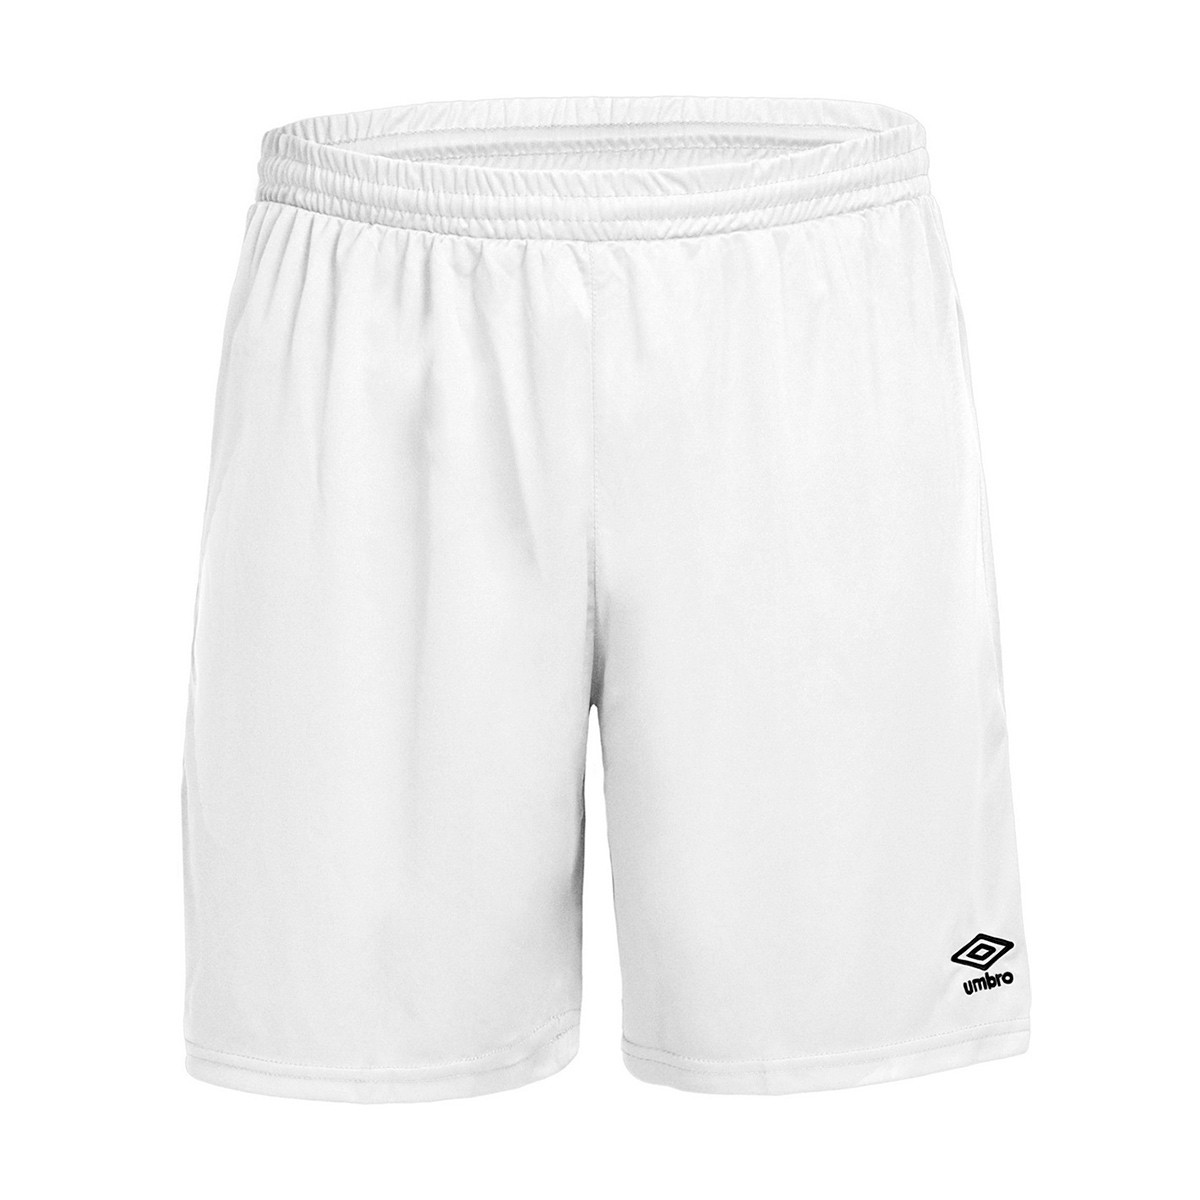 umbro sports shorts